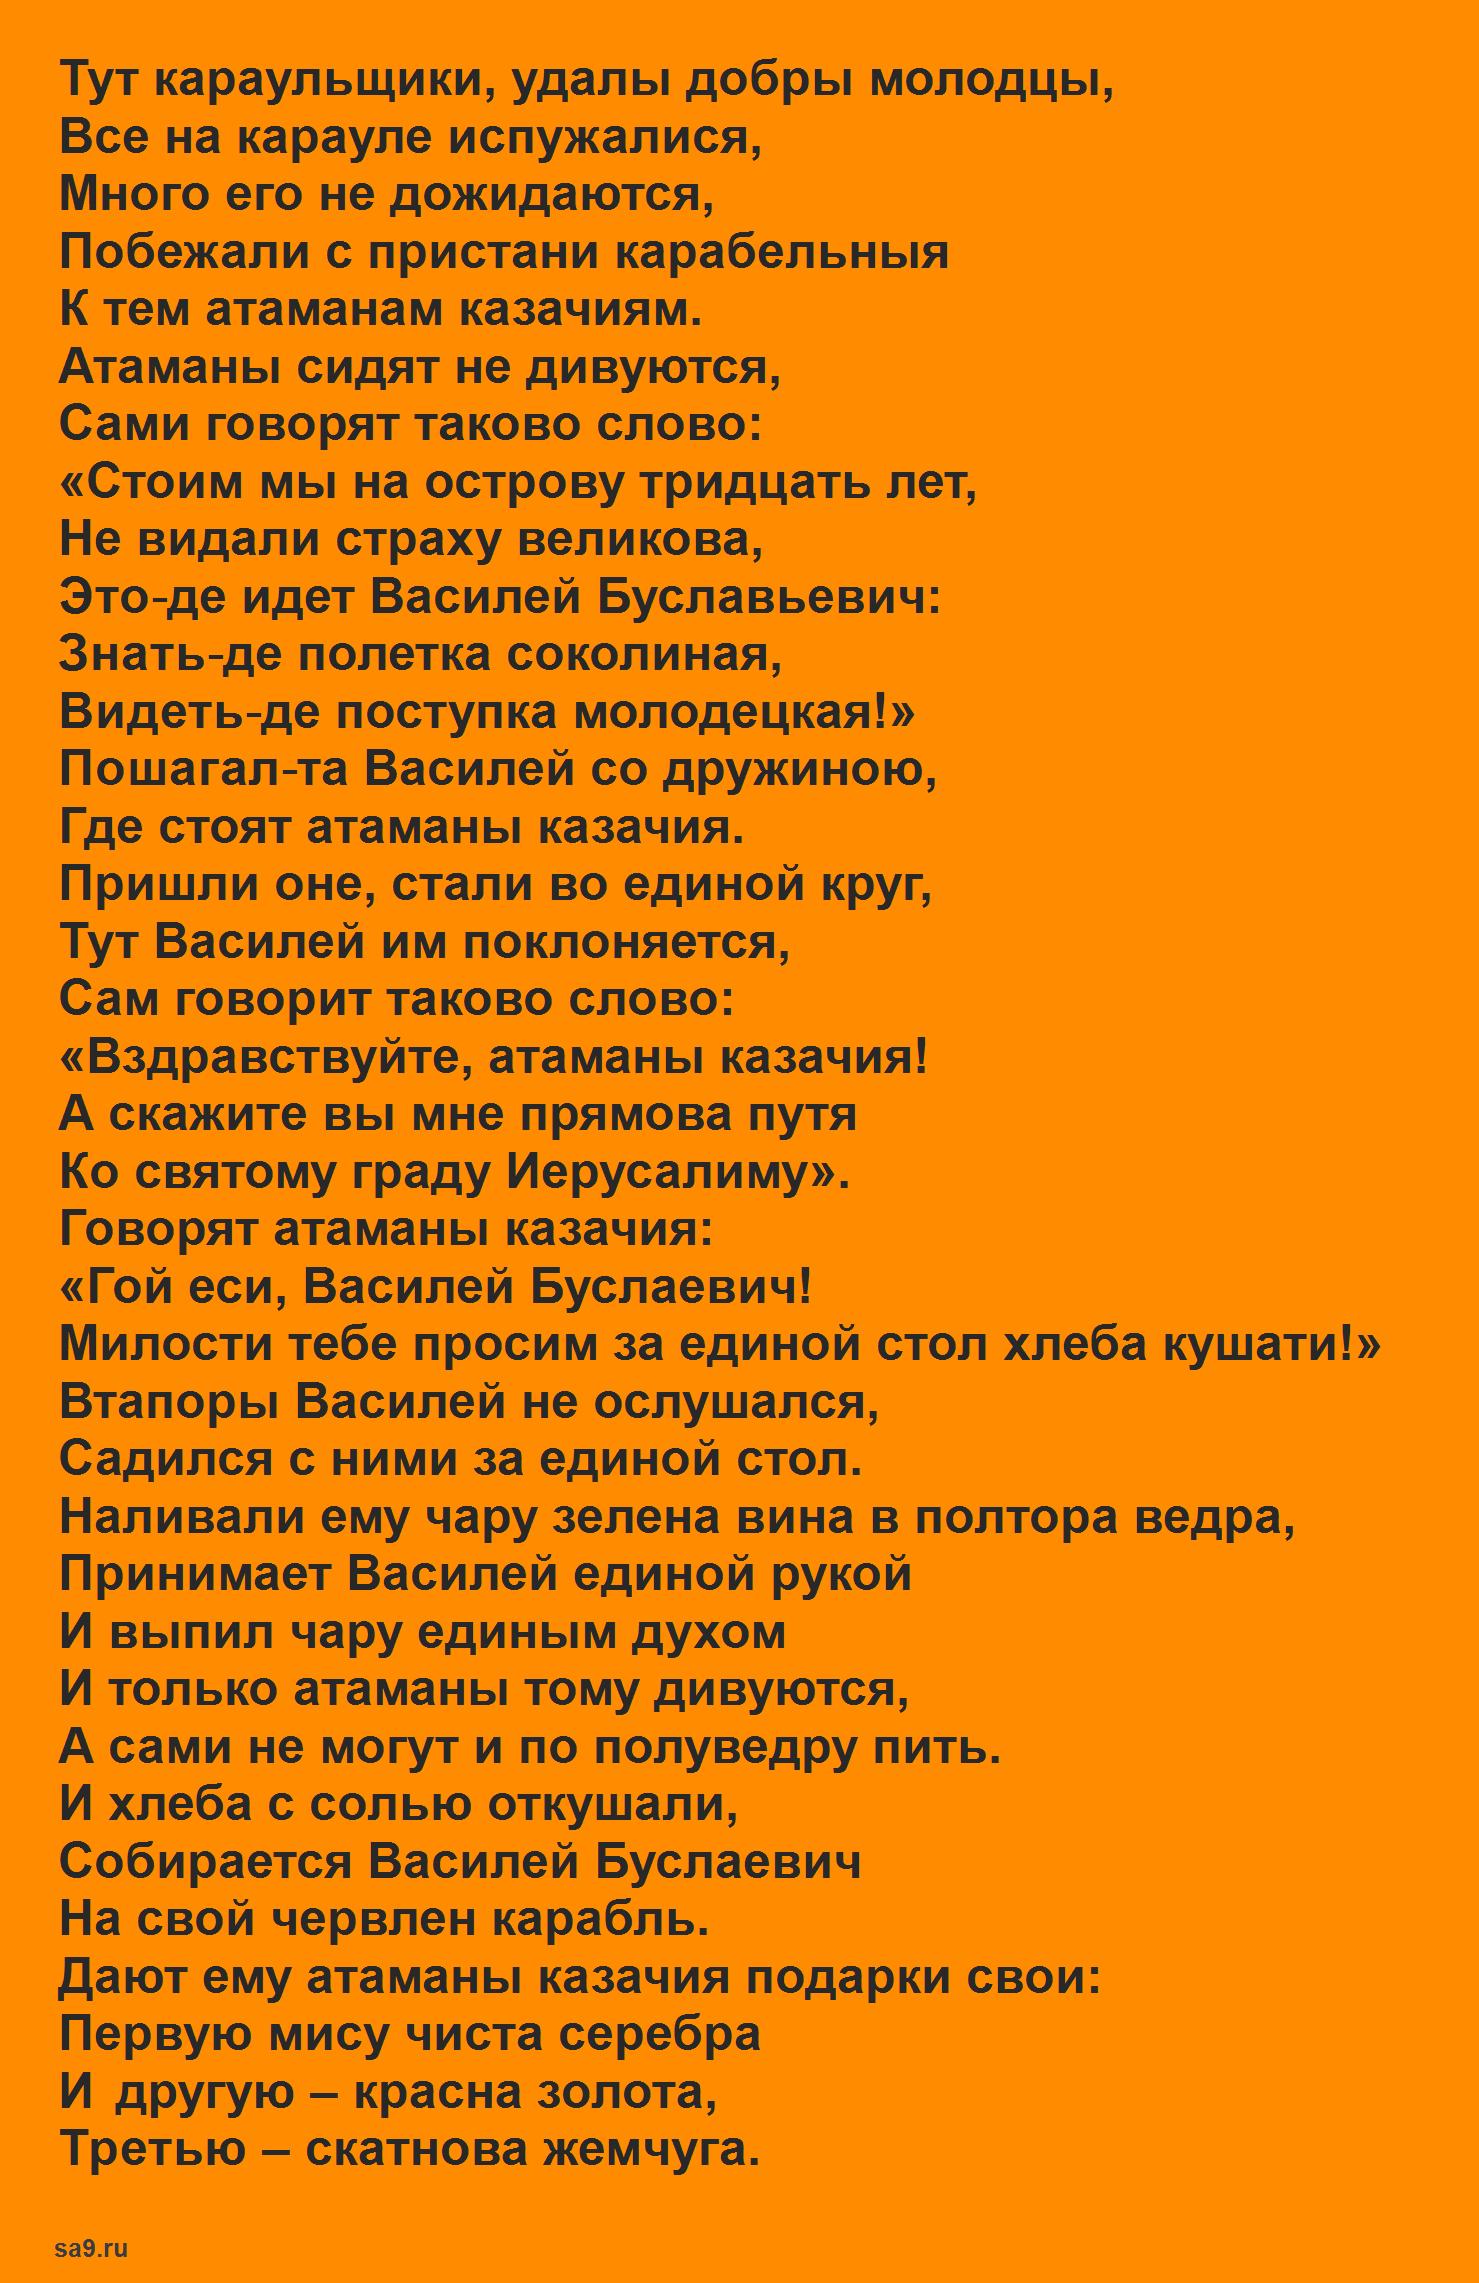 Читать былину - Смерть Василия Буслаева, полностью бесплатно